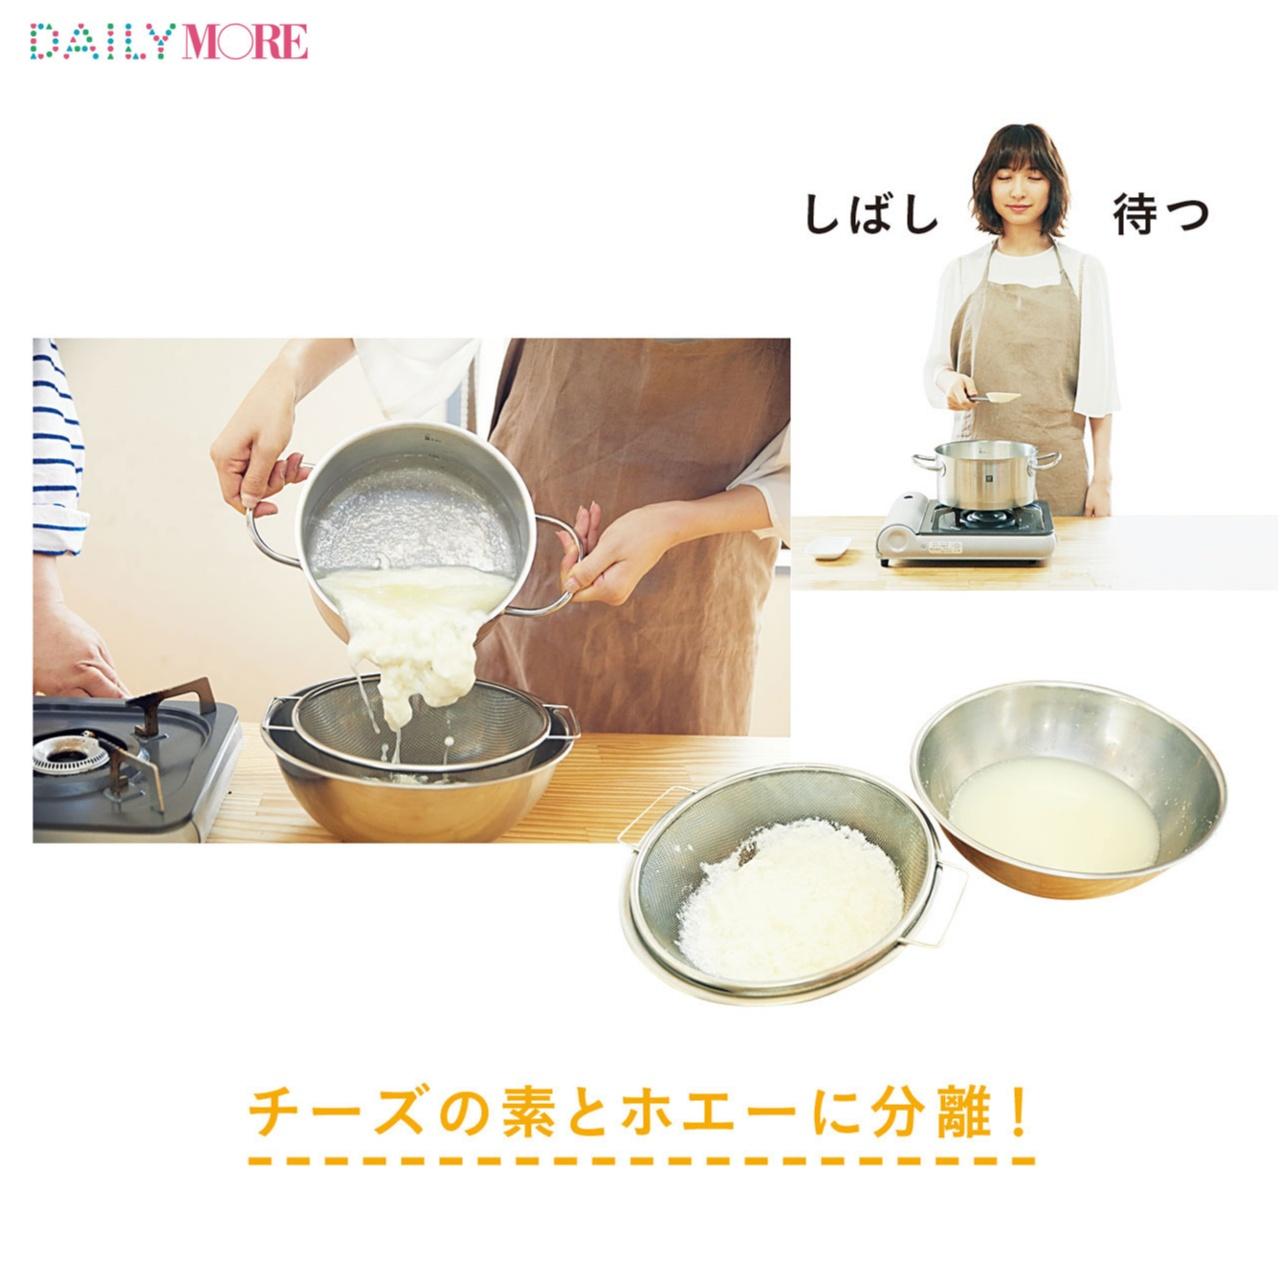 篠田麻里子が体験♡ 話題の「簡単モッツァレラチーズ作り体験」に行こう!【麻里子のナライゴトハジメ】_2_2